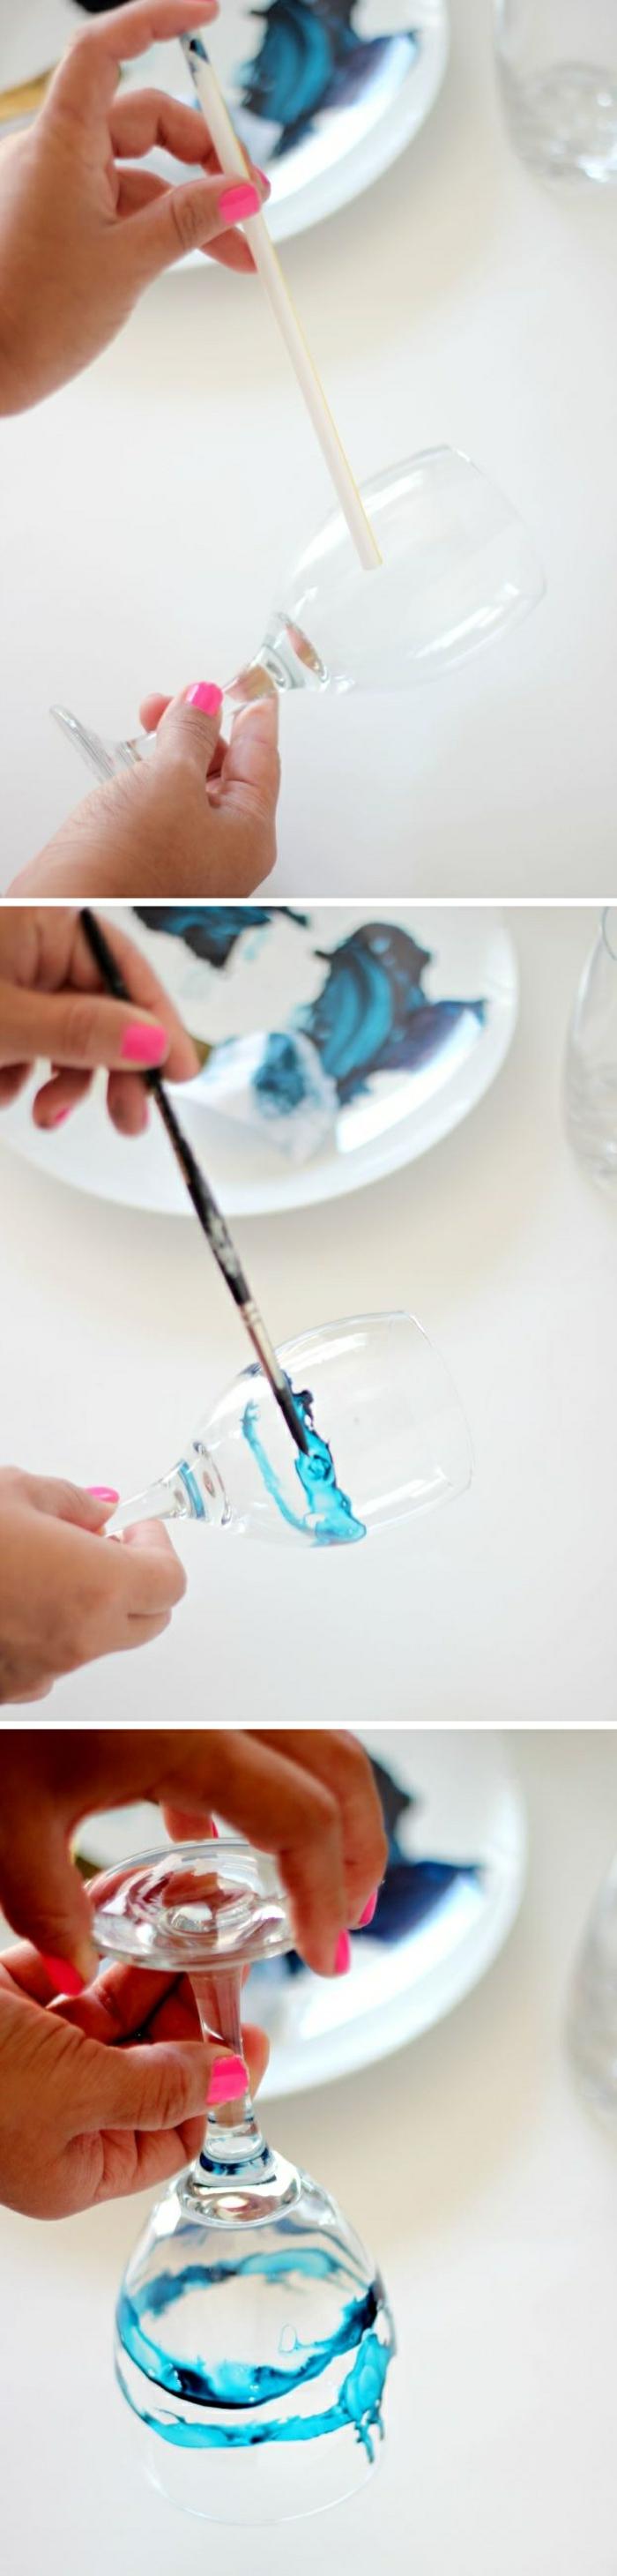 weingläser dekorieren mit blauer farbe, strohhalm, teller, glas